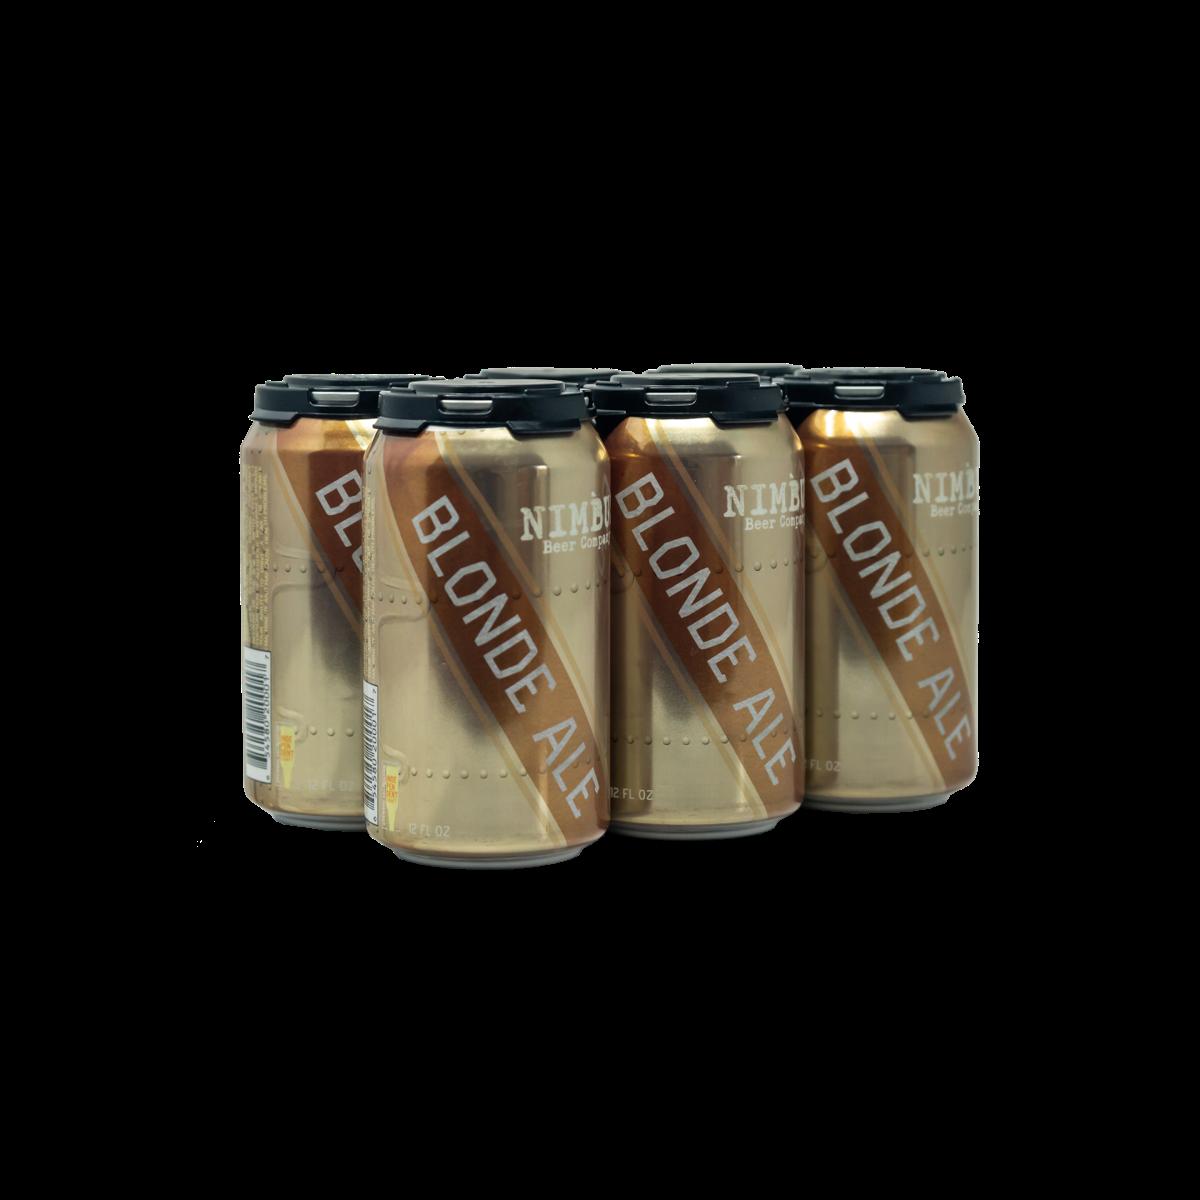 Nimbus Blonde Ale